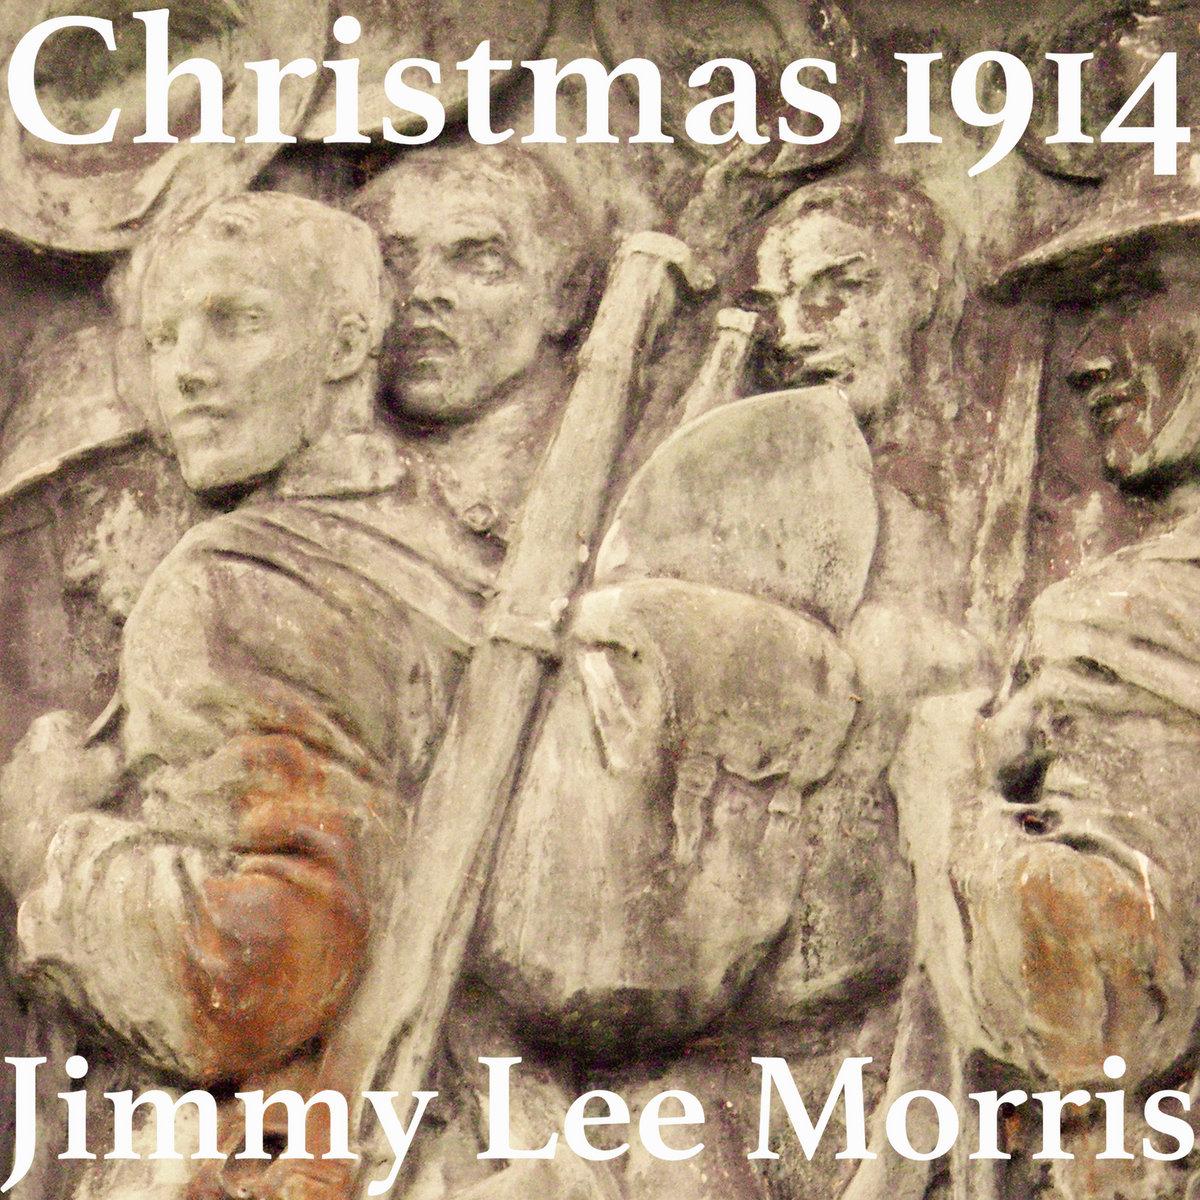 Christmas 1914.Christmas 1914 Jimmy Lee Morris